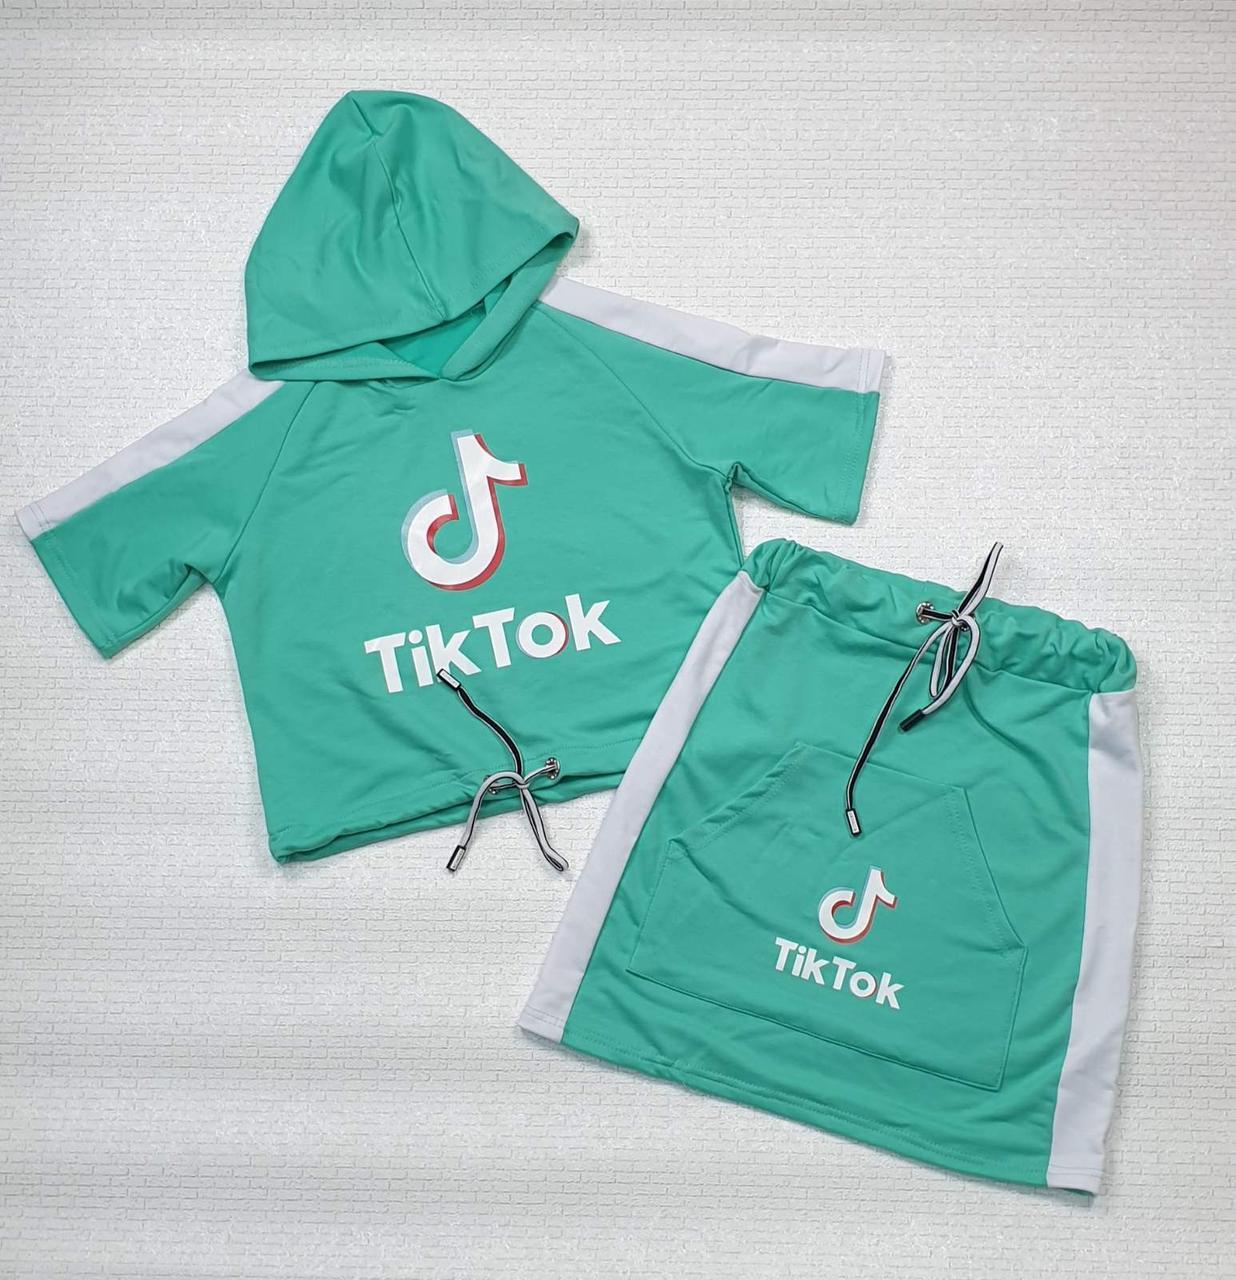 Комплект топ с капюшоном и юбка для девочки Tik Tok р. 122-134